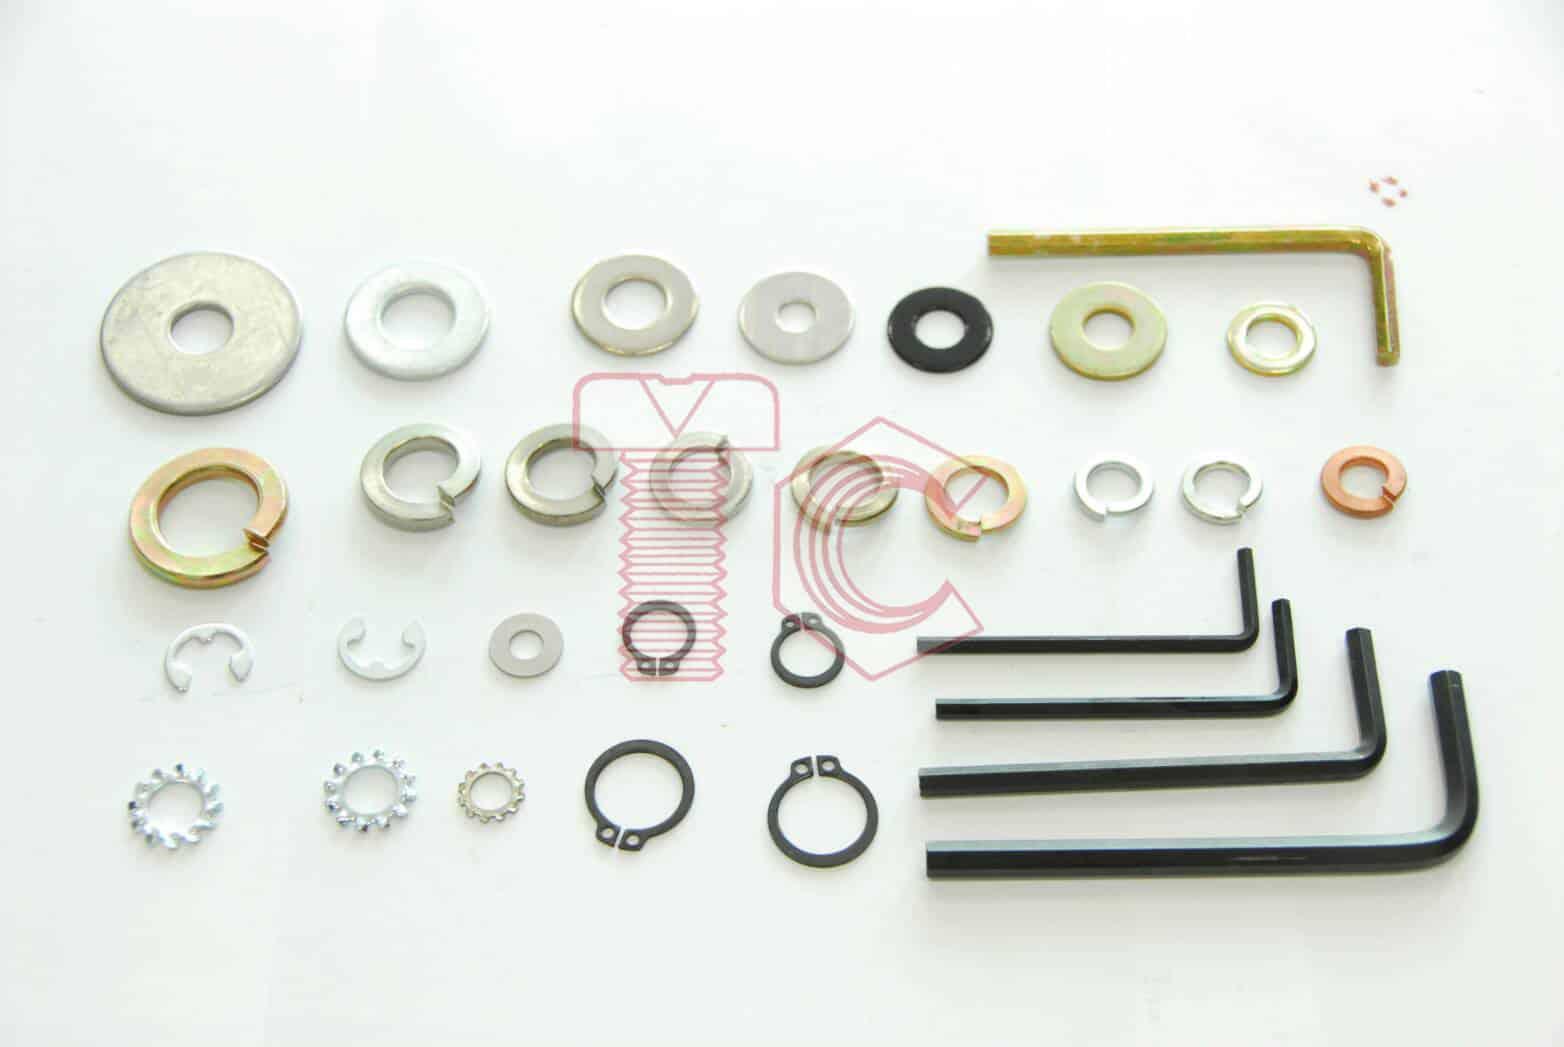 แหวน (Washer) แหวนอีแปะ,แหวนสปริง,แหวนล็อคนอก,แหวนล็อคใน,แหวนจักรใน และอื่น ๆ